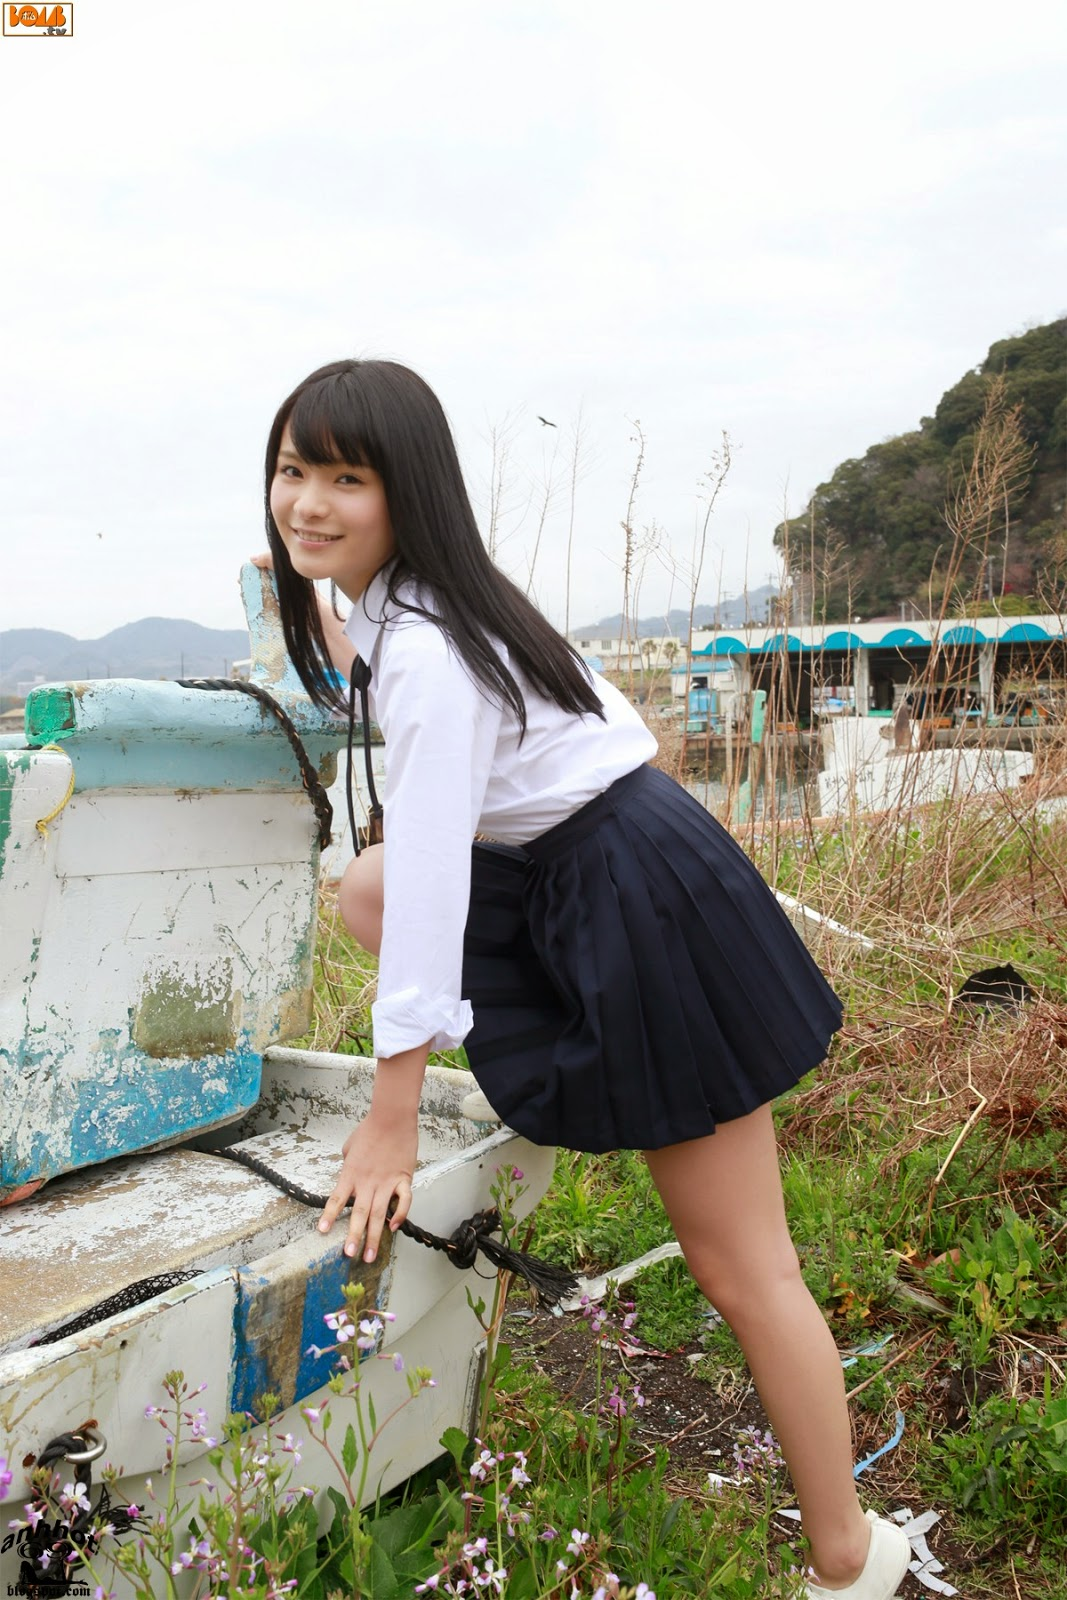 mizuki-hoshina-02127826